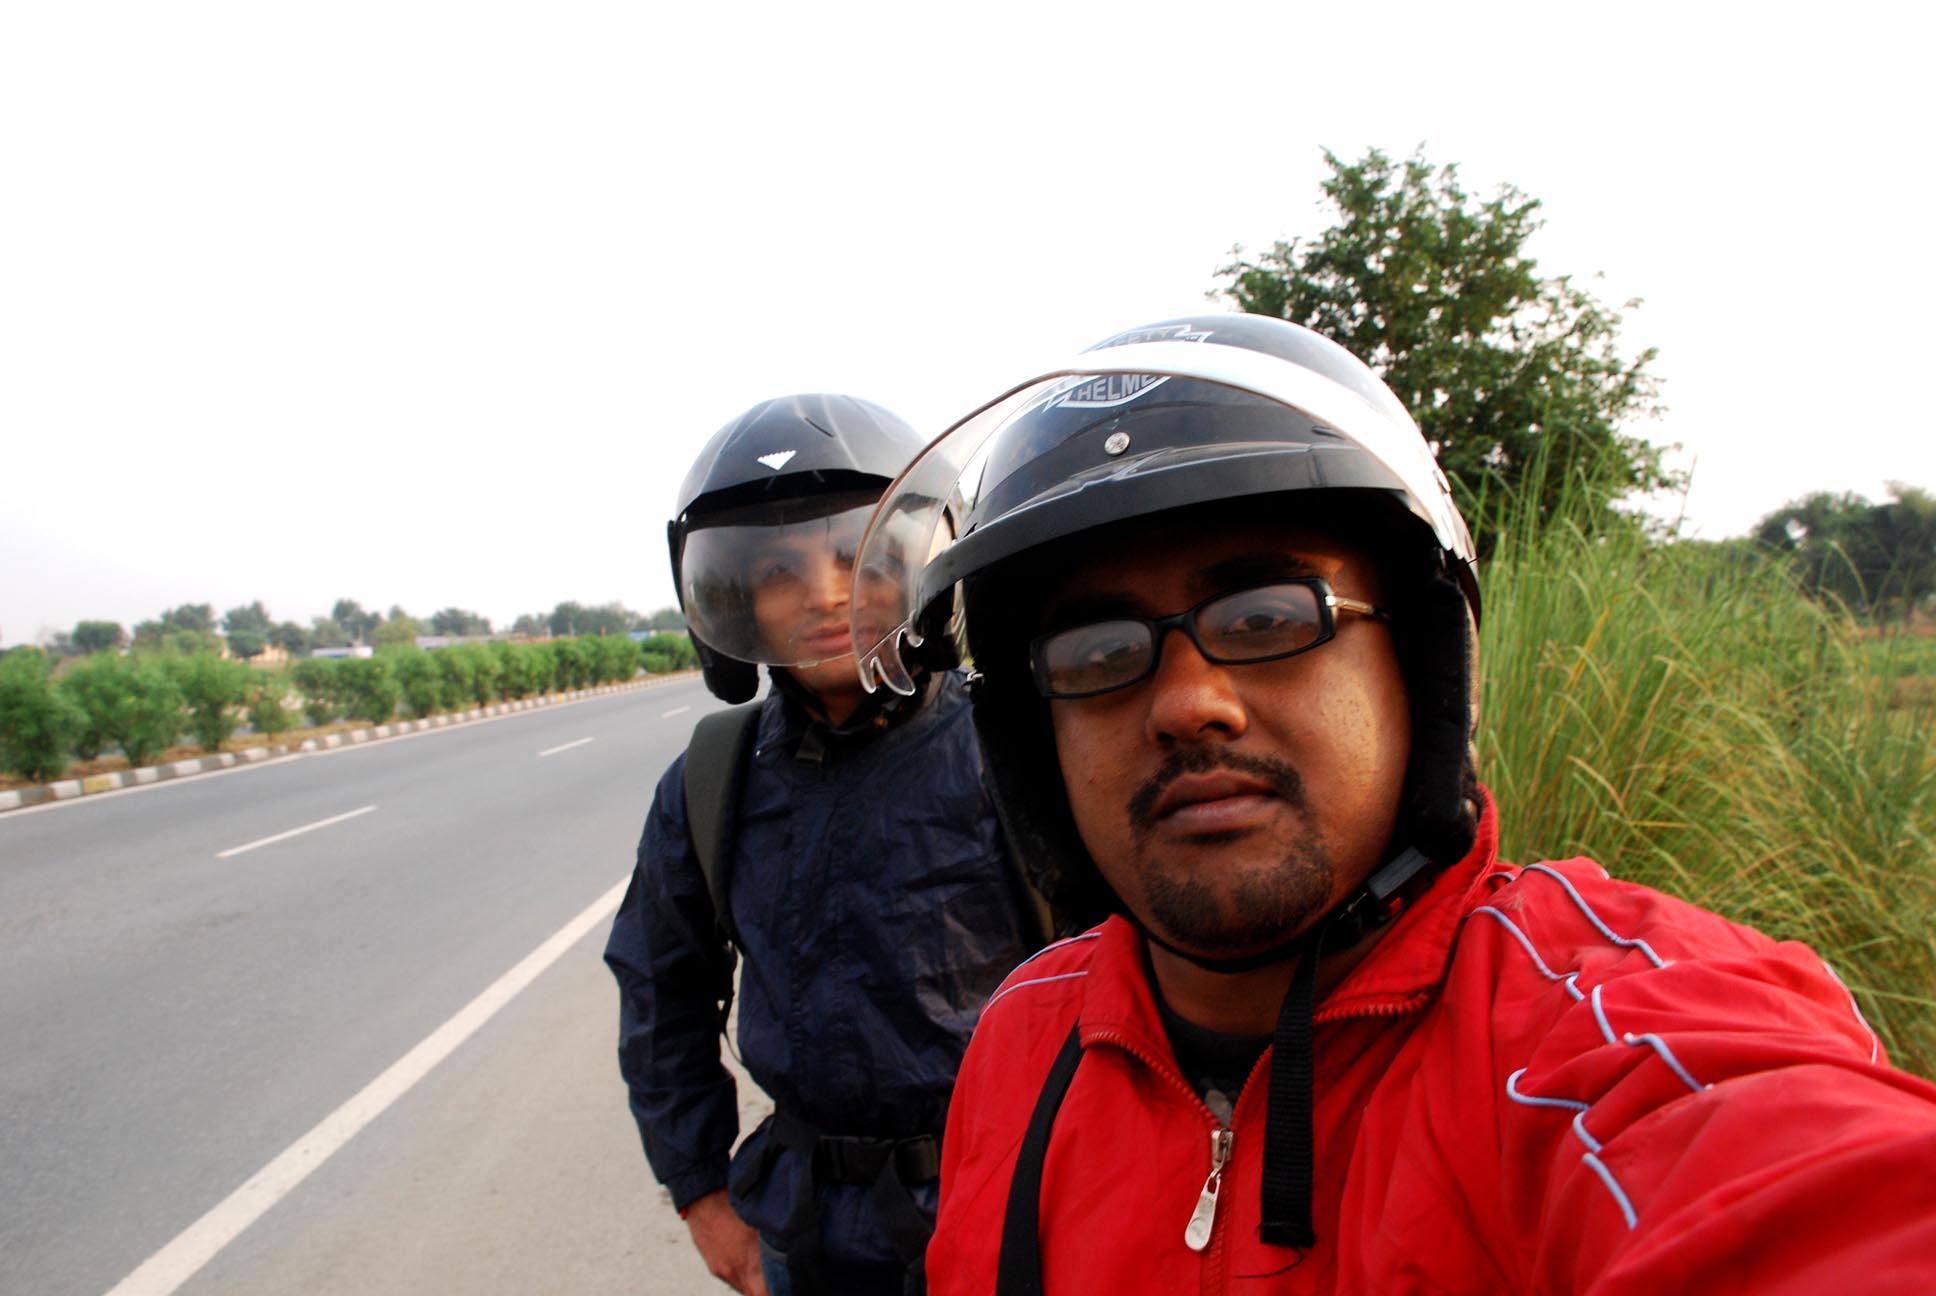 Aamir's helmet is too big for his head!